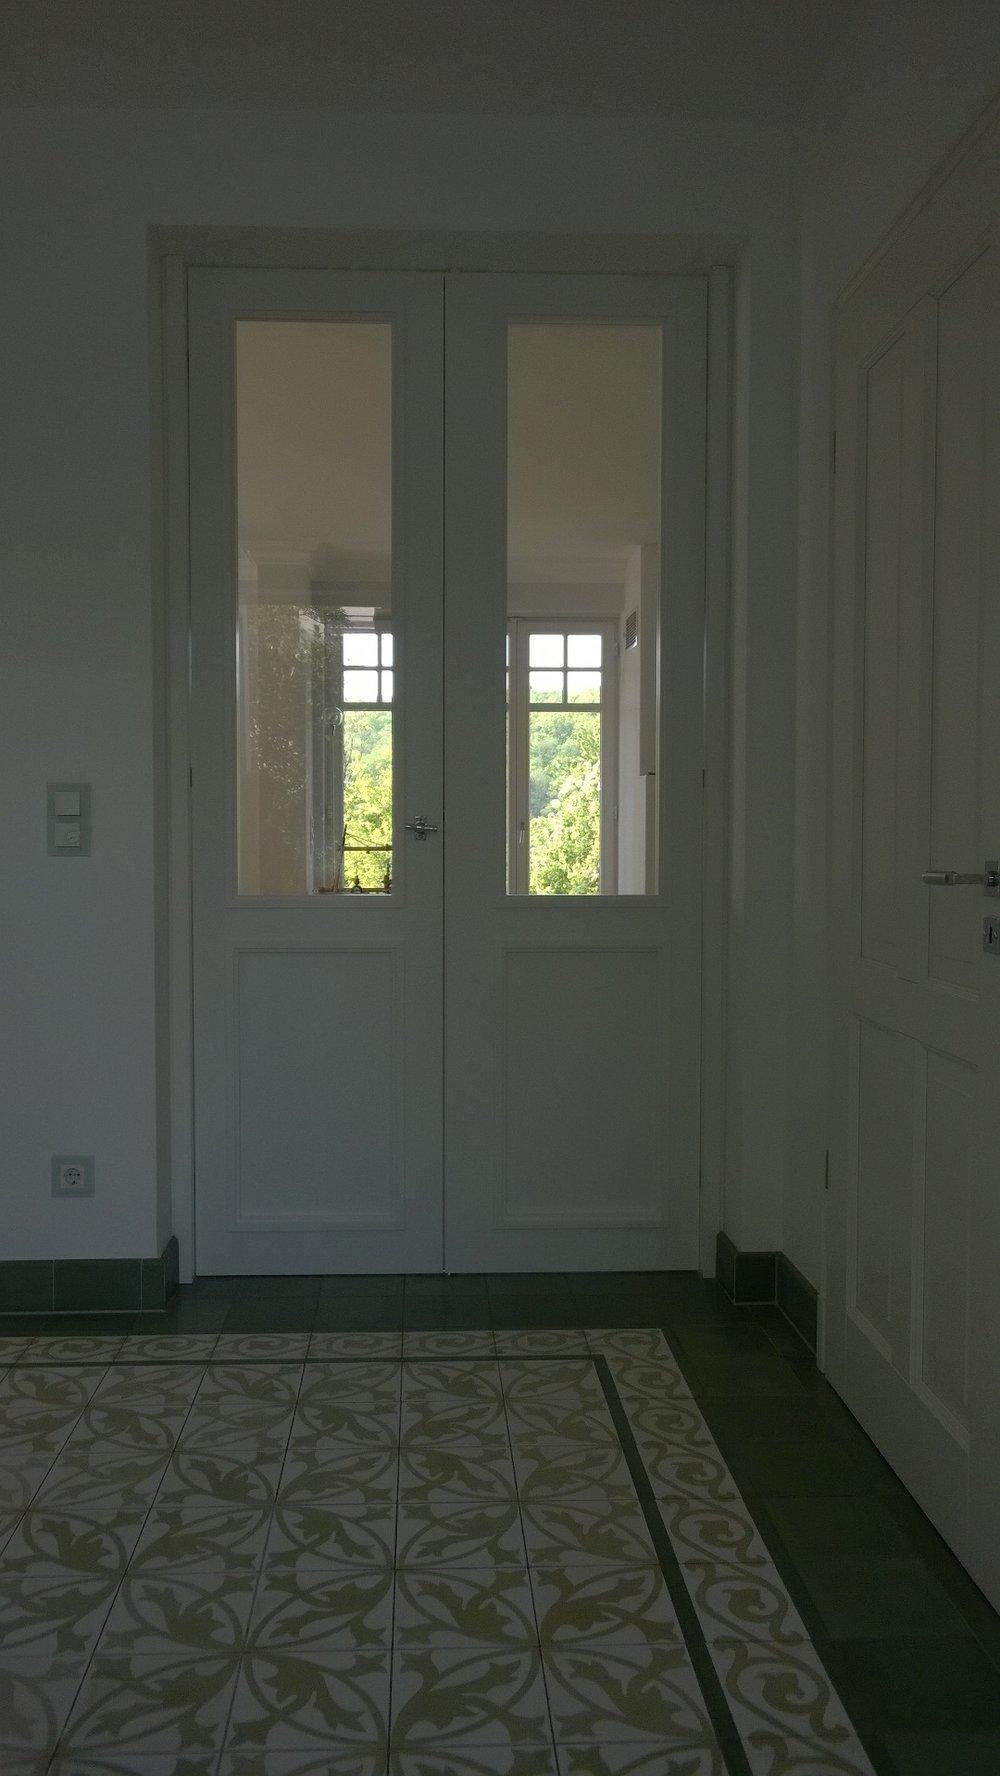 Zimmertür.jpg